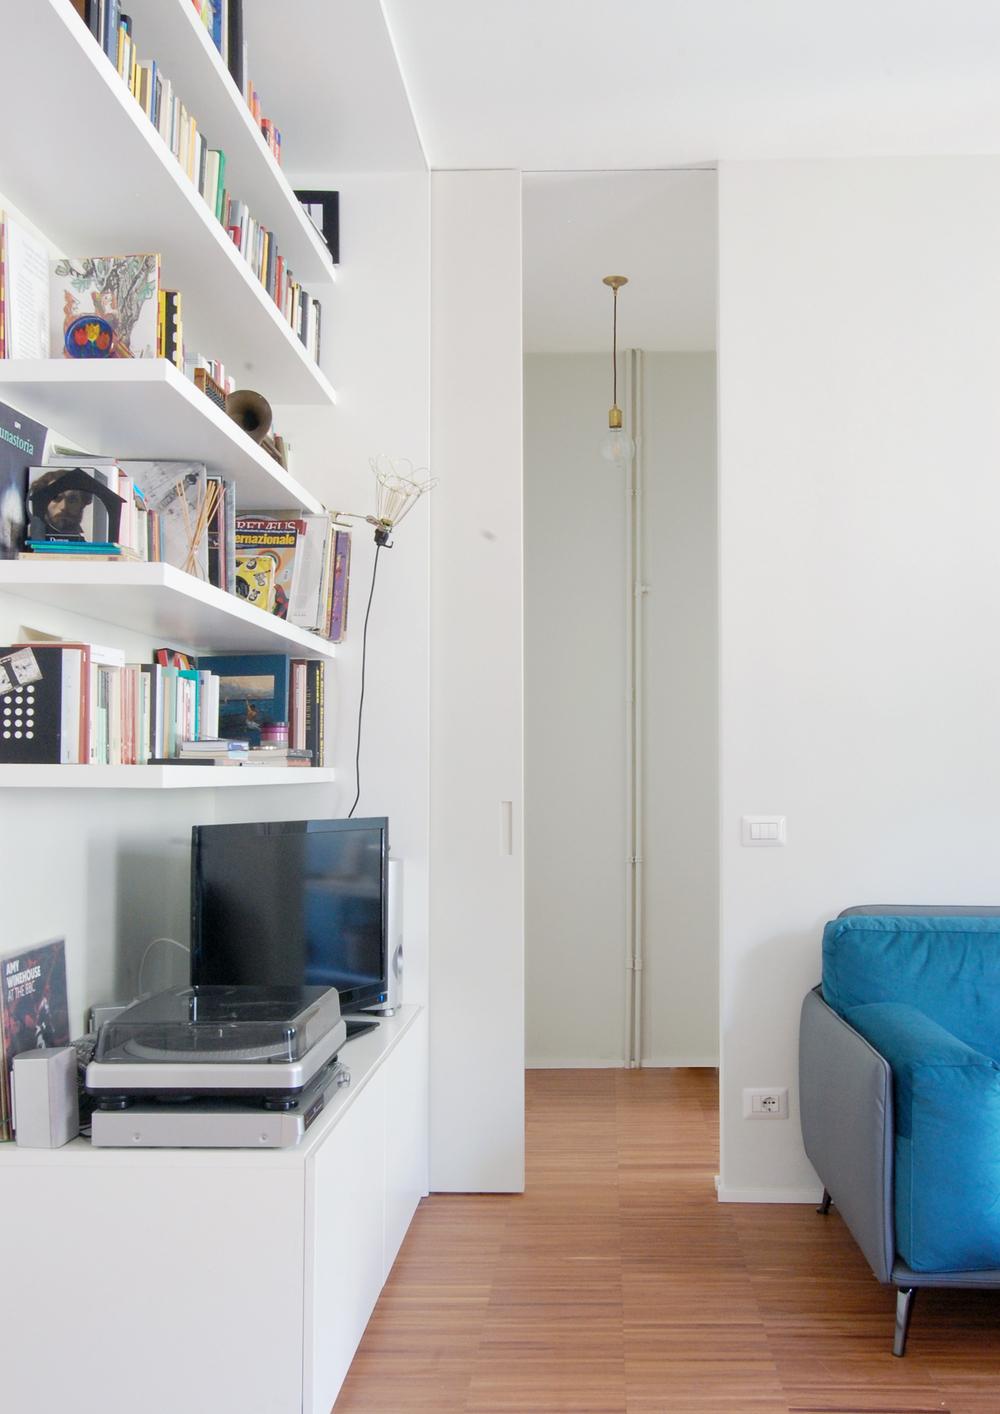 Dal living al disimpegno che dà accesso al bagno, con la libreria sulla sinistra e la porta scorrevole a tutta altezza in primo piano,